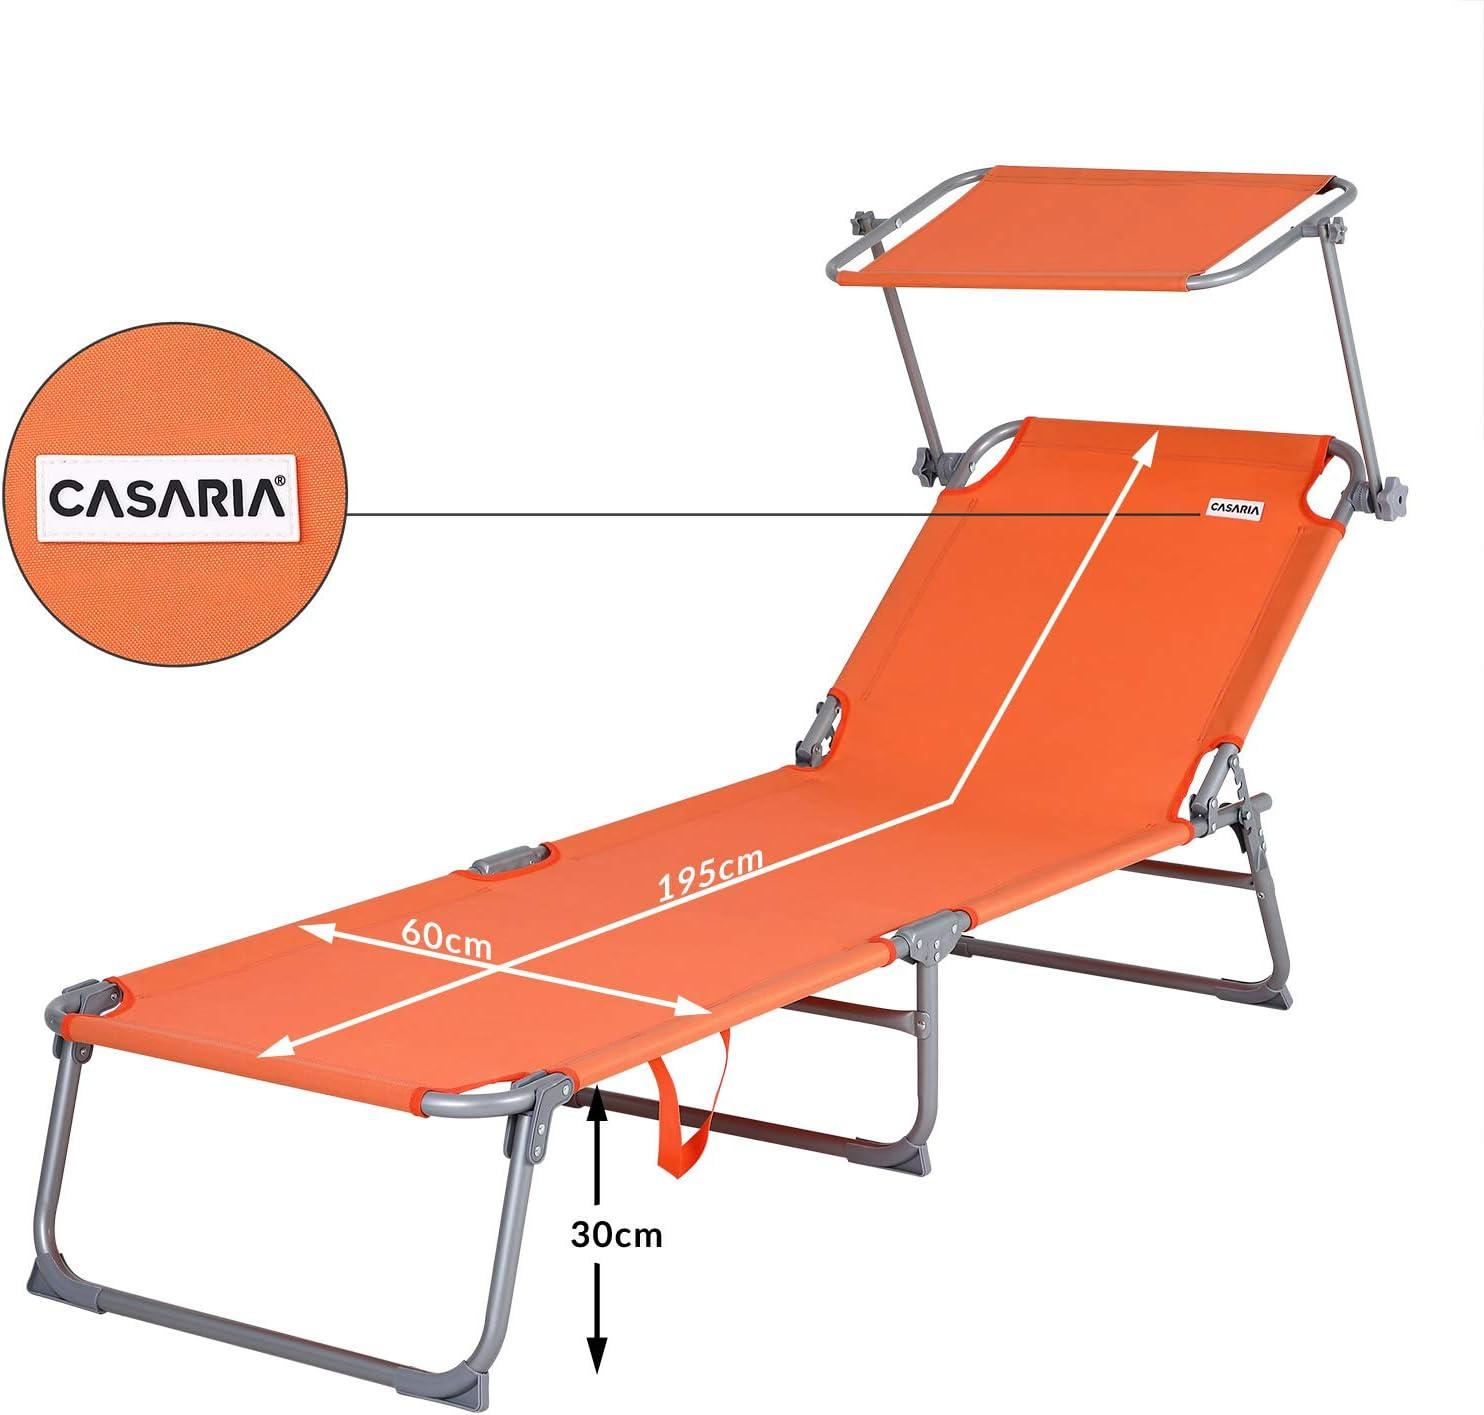 Casaria Sonnenliege Hawaii Dach Tragegriff 195cm L/änge Verstellbar Gartenliege Strandliege Freizeitliege Liege Orange